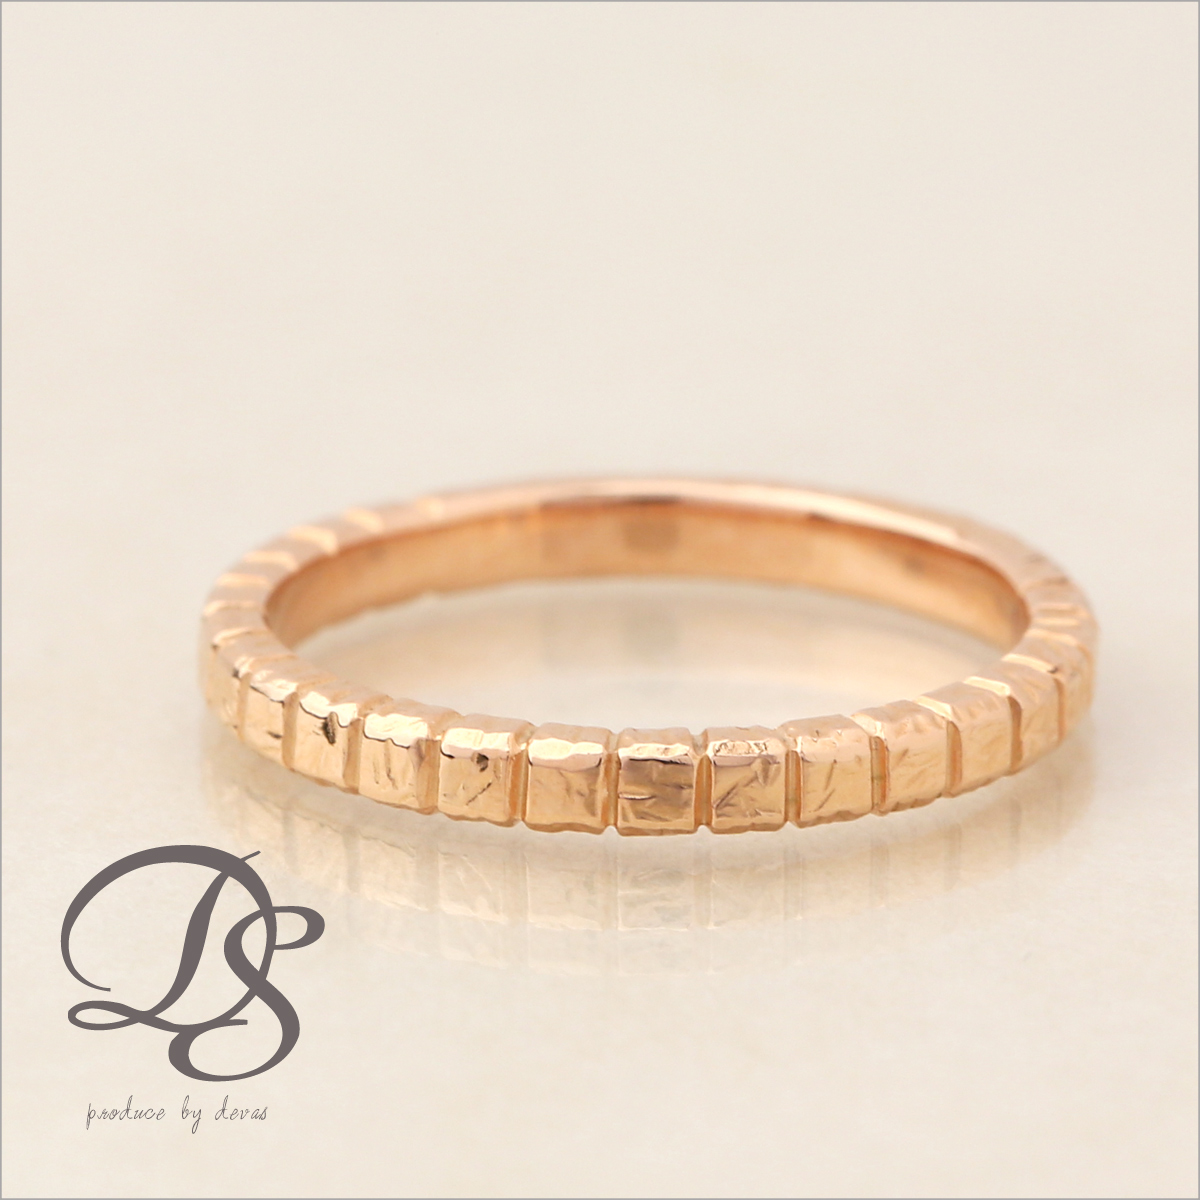 ピンクゴールド 18金 リング レディース 18k 指輪 メンズ ピンクゴールド リング K18 PGブロックデザイン(M) シンプル 無機質誕生日 ギフト プレゼント 贈り物 妻 彼女 ペアリング 結婚指輪DEVAS ディーヴァス